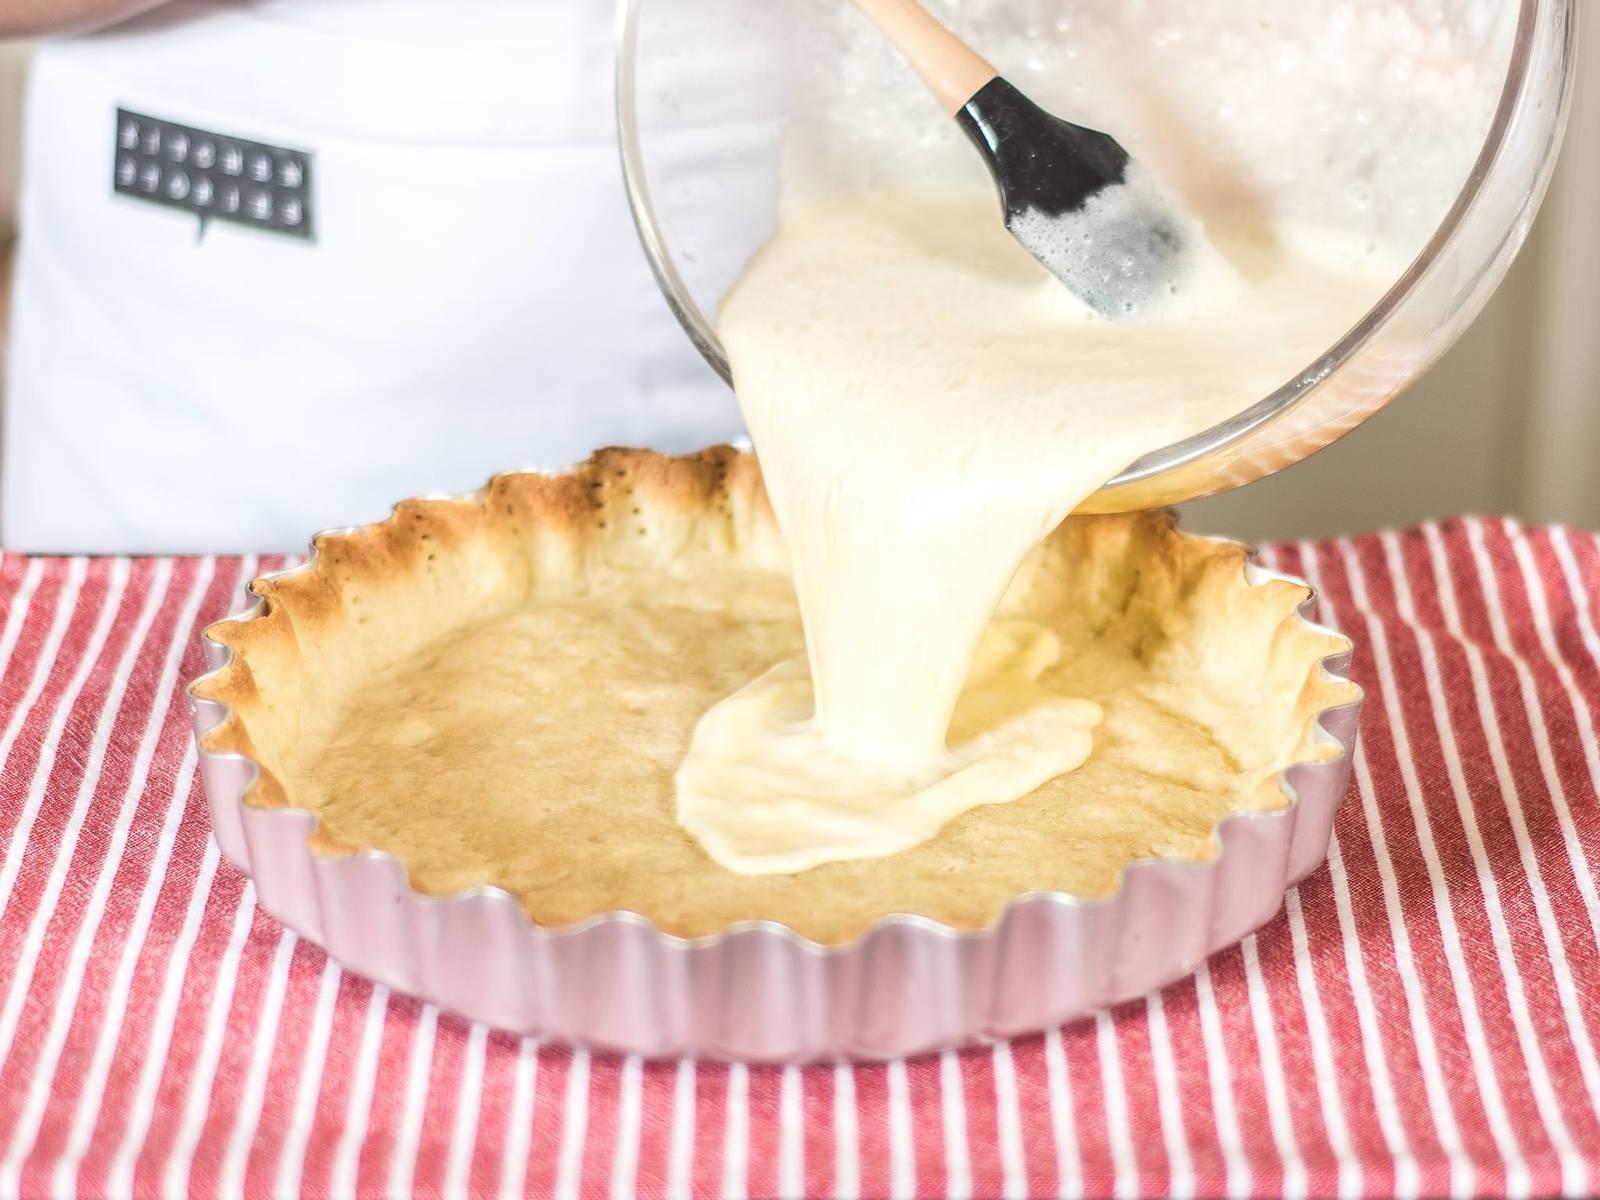 Füllung auf den erkalteten Boden geben und im vorgeheizten Ofen bei 170°C für ca. 30 – 35 Min. backen. Die fertige Tarte auskühlen lassen und für ca. 1 – 2 h kalt stellen. Zum Servieren mit frischer Minze garnieren.